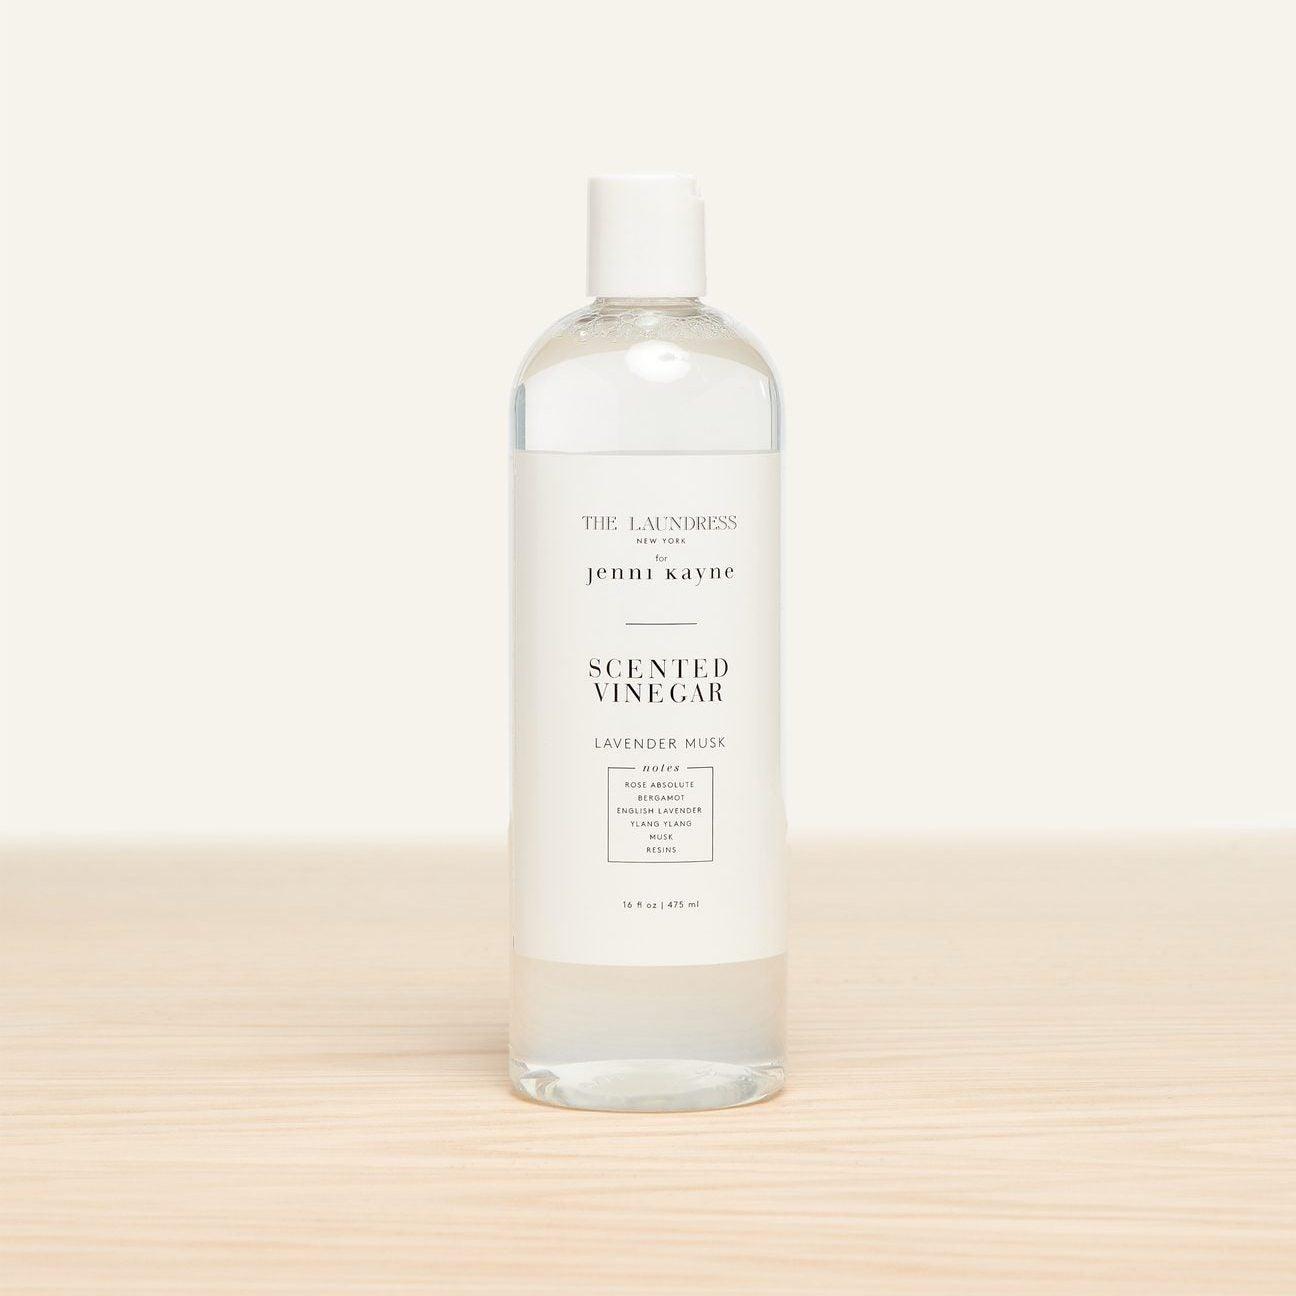 The Laundress x Jenni Kayne Scented Vinegar